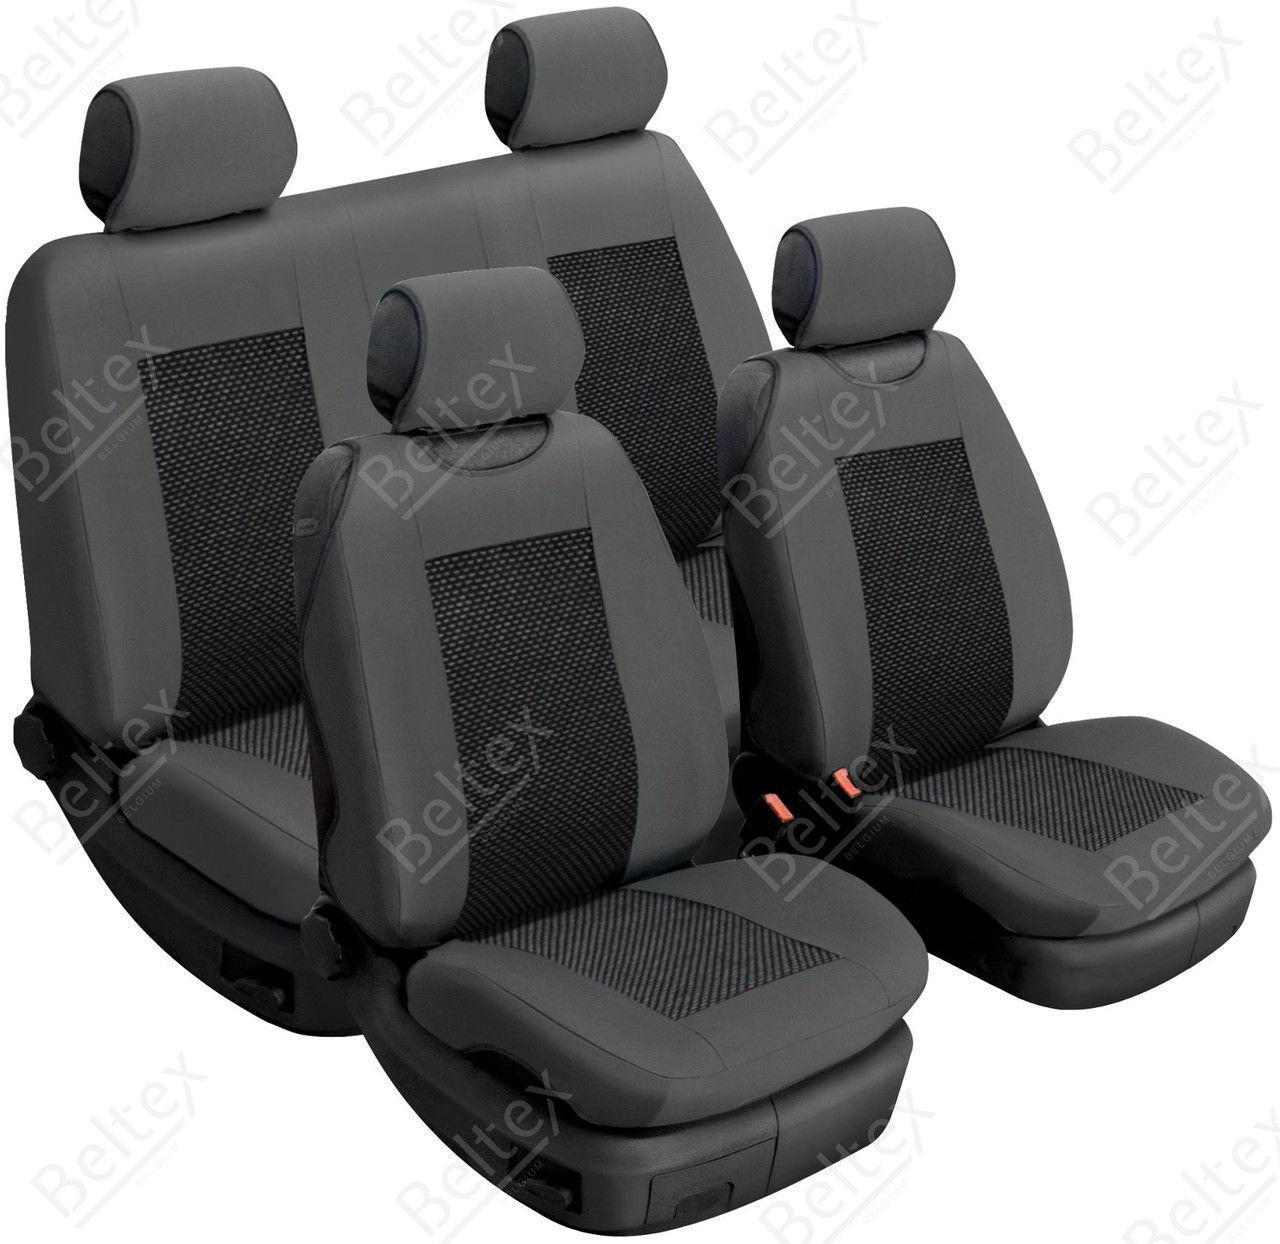 Майки/чехлы на сиденья Опель Астра Г (Opel Astra G)